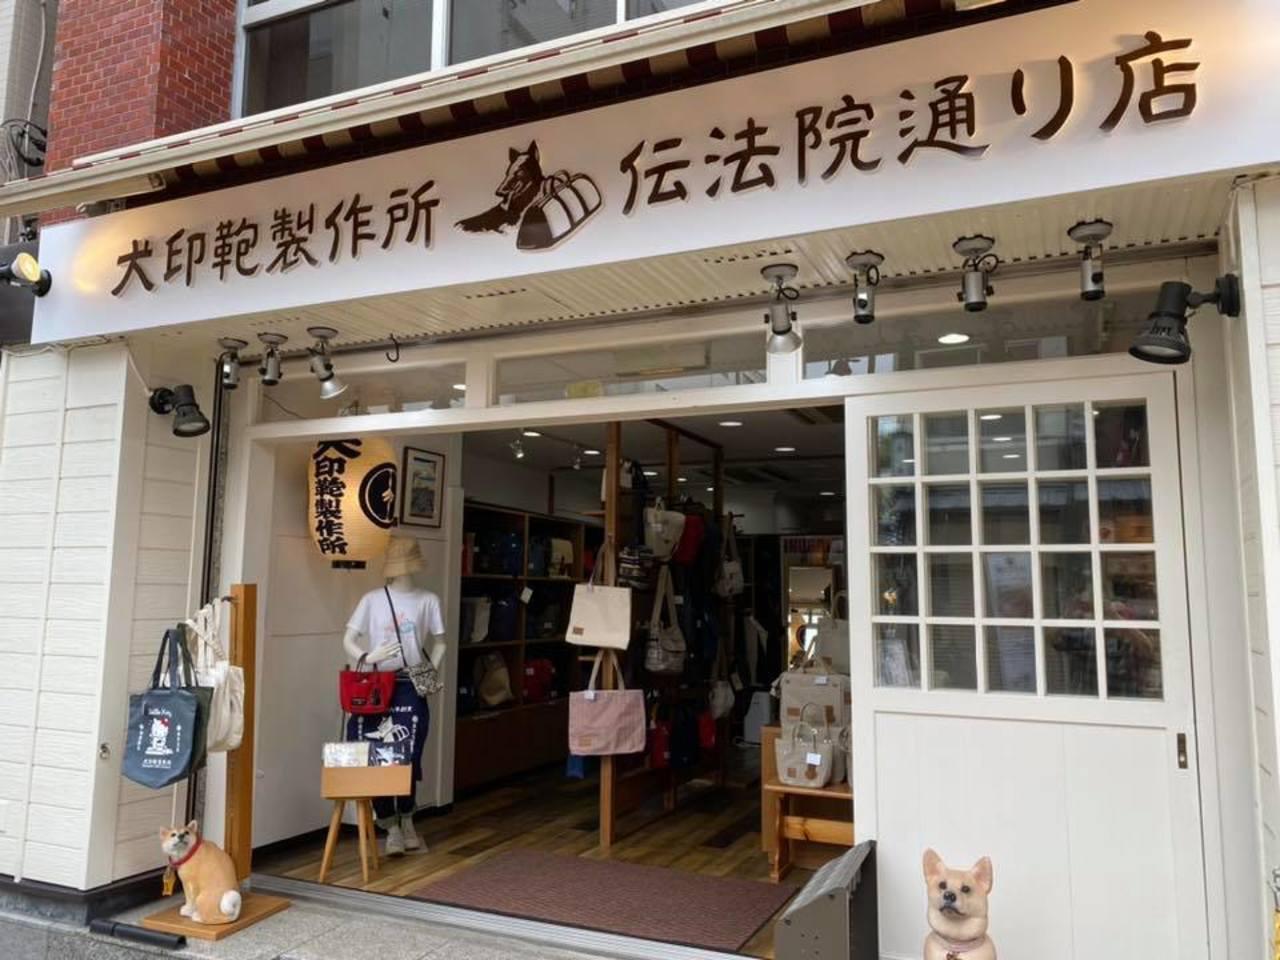 【 犬印鞄製作所 伝法院通り店 】(東京都台東区)9/10オープン